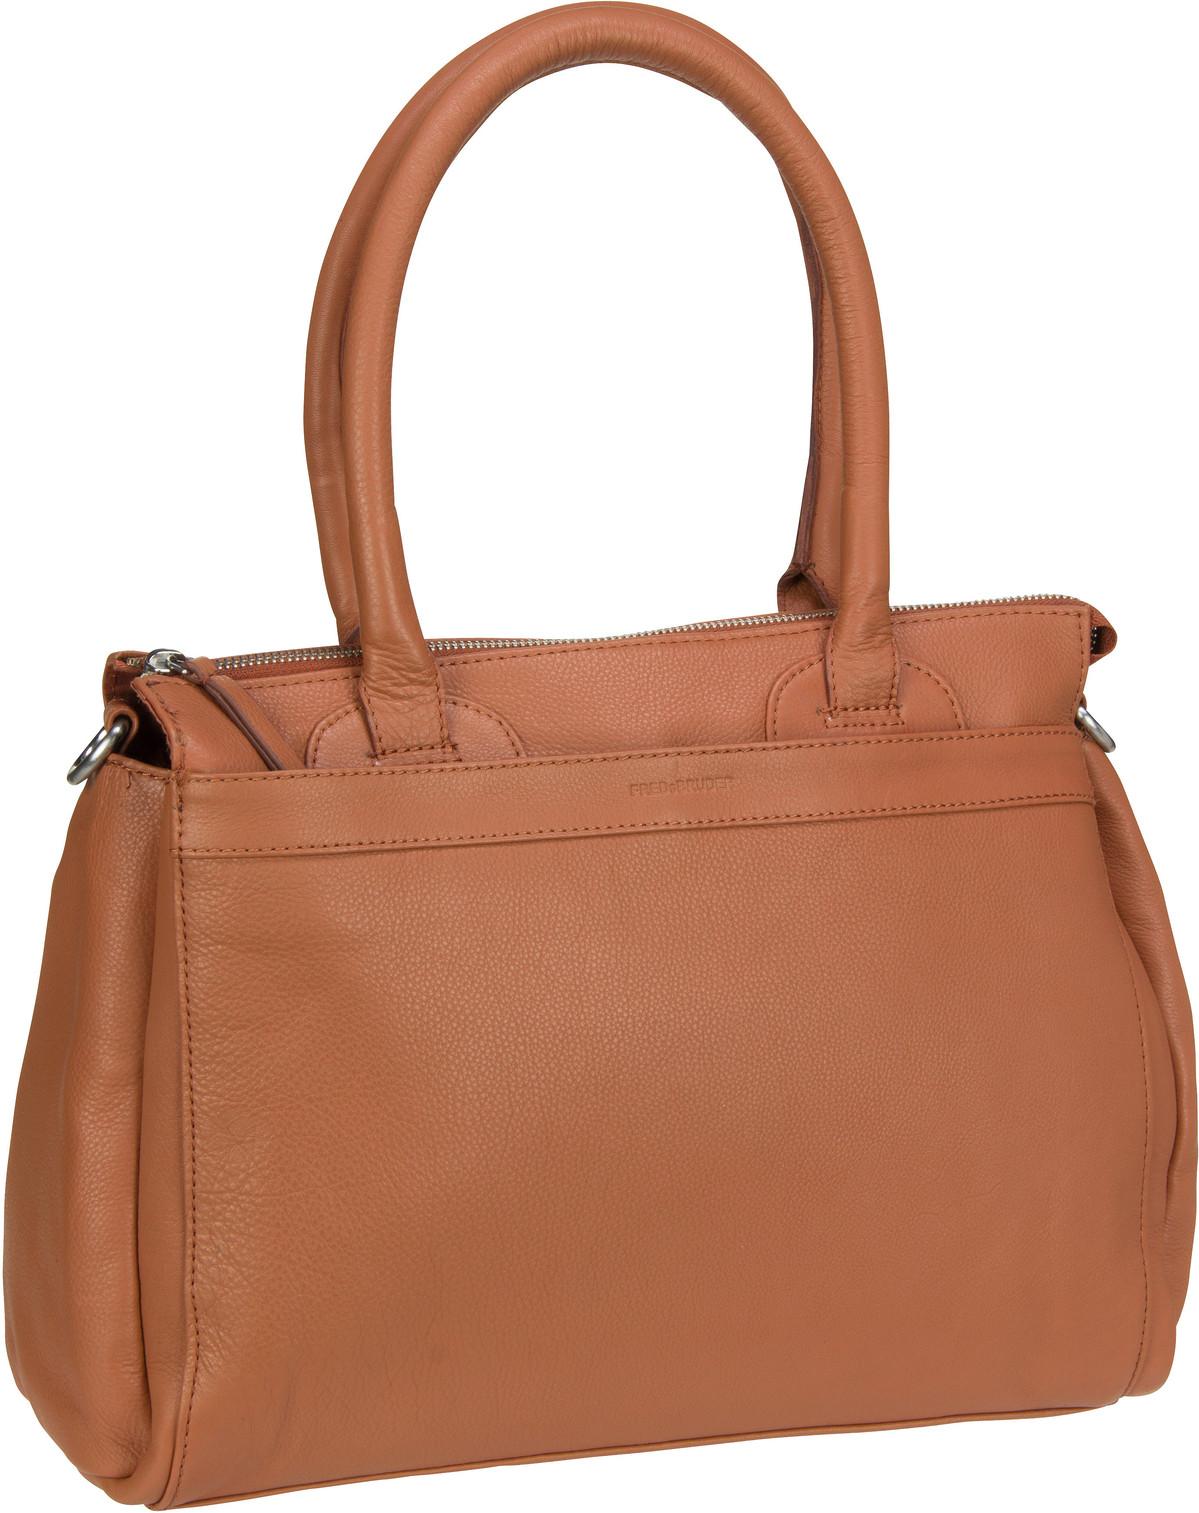 Handtasche Leen Dark Camel